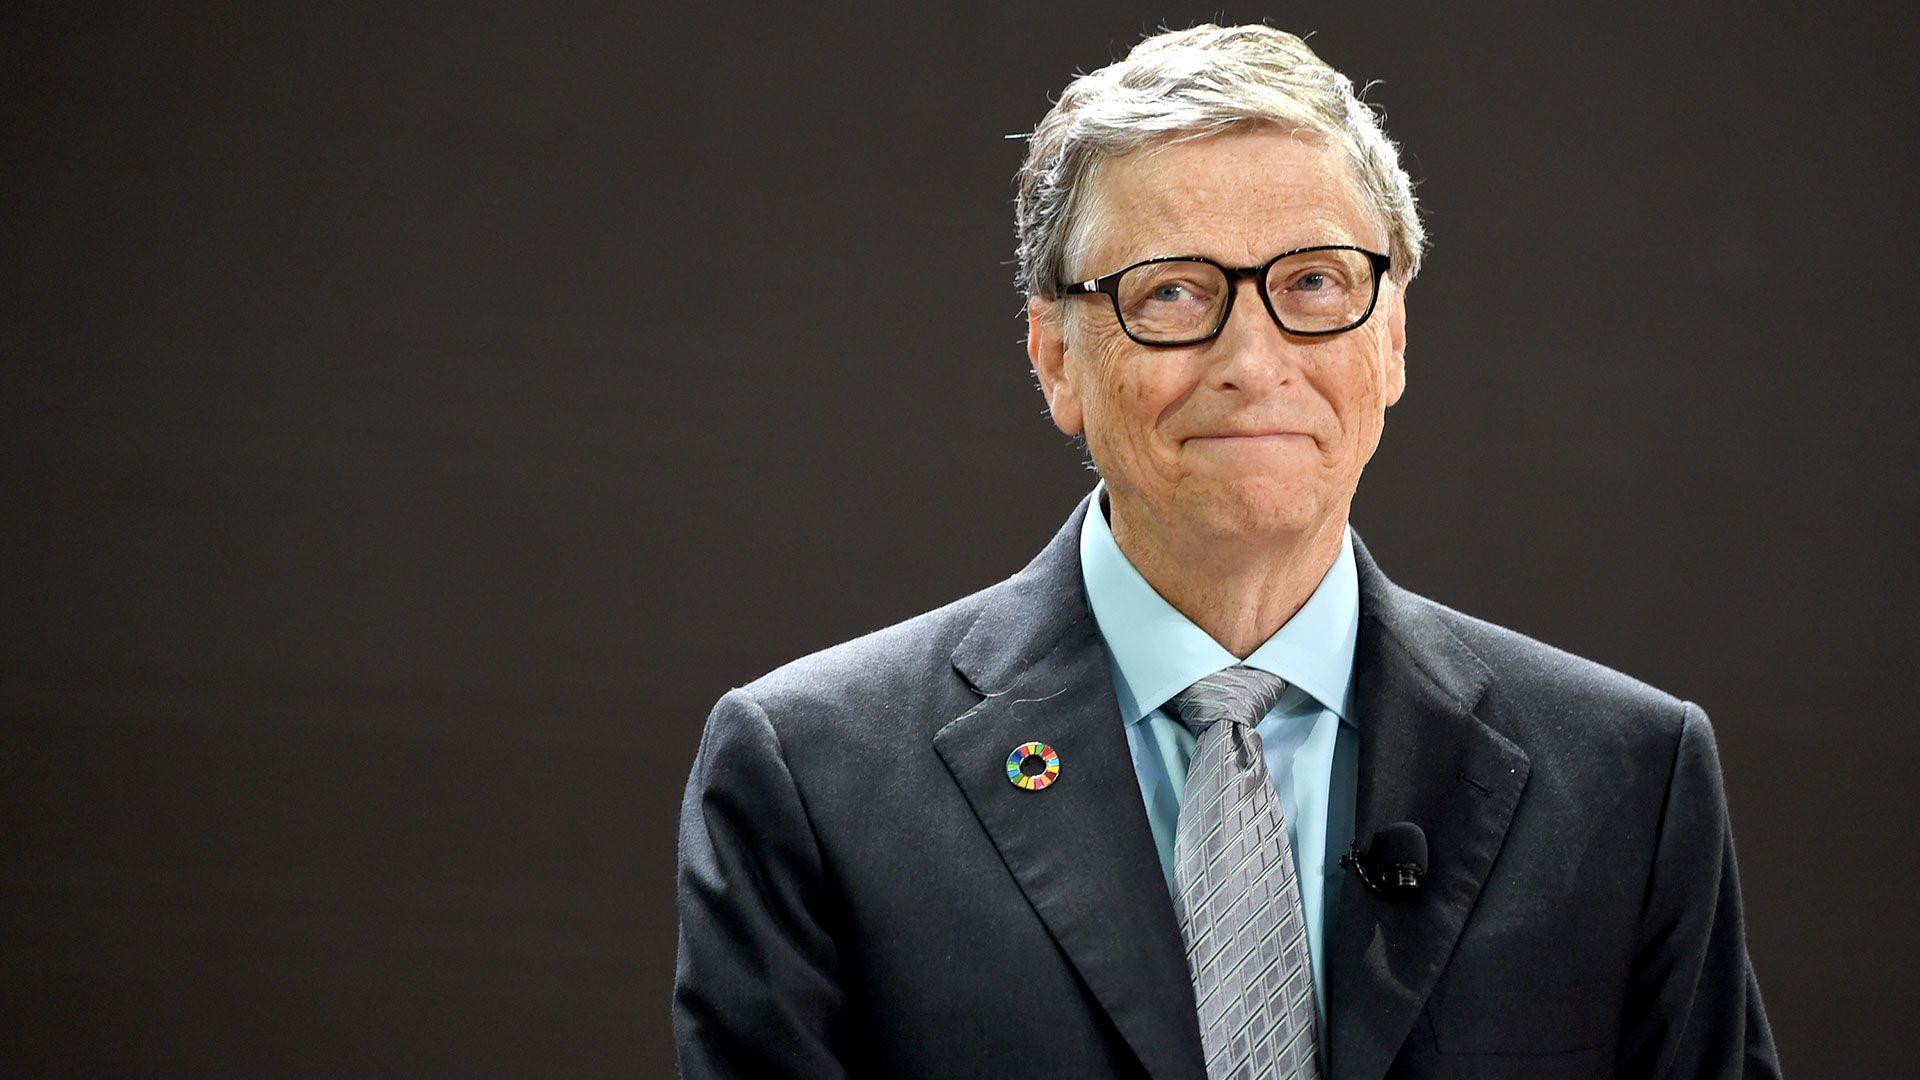 Bill Gates fue elegido miembro de la Academia China de Ingeniería